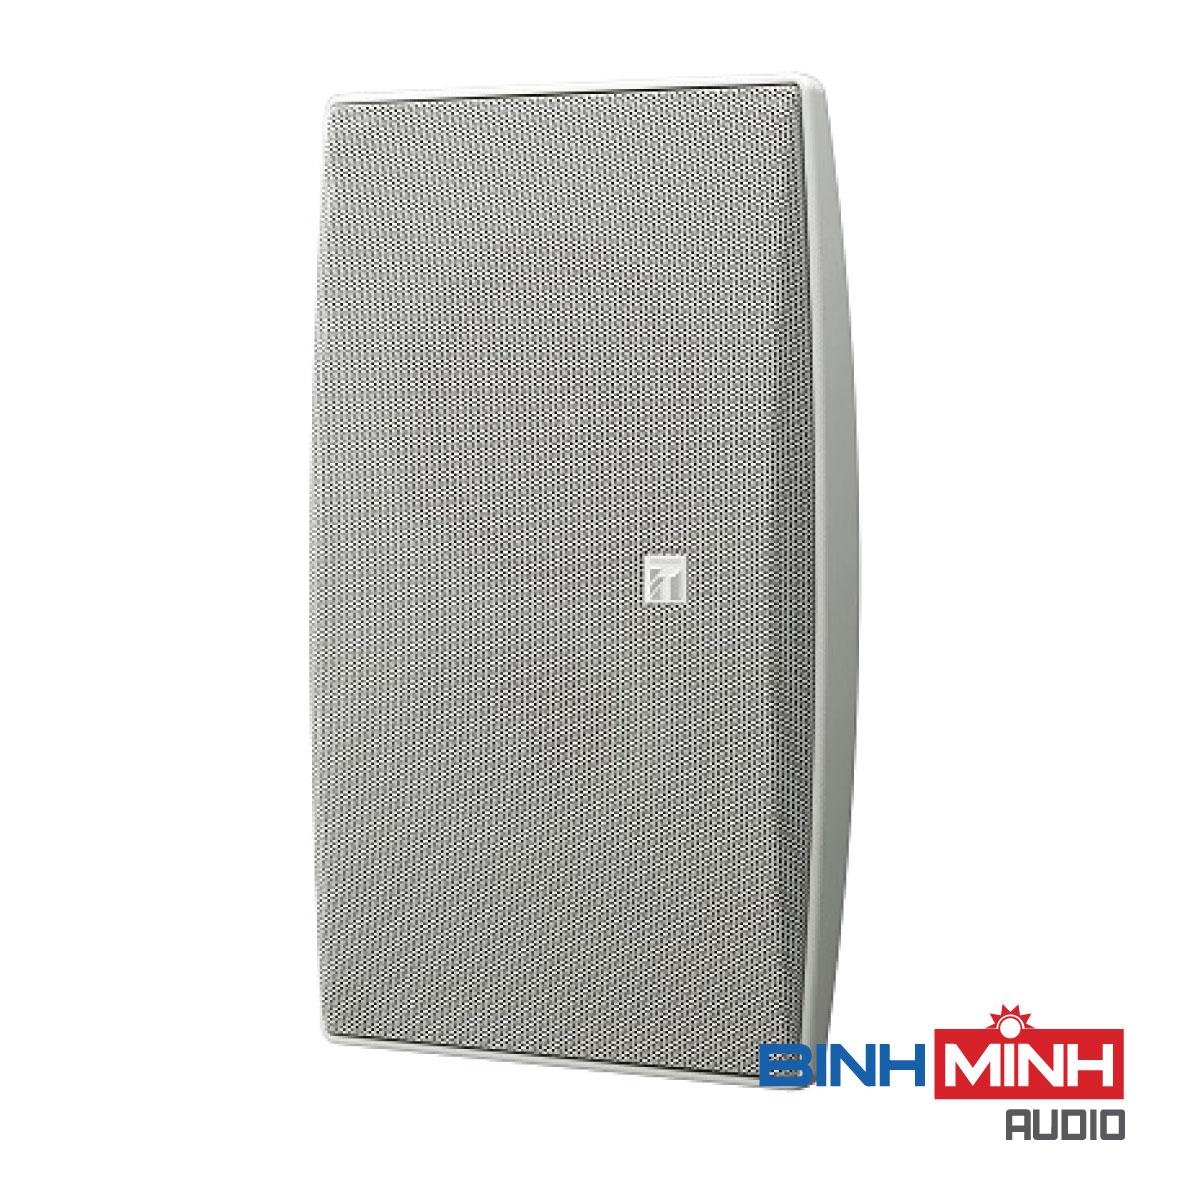 Loa hộp treo tường 6W TOA BS-634 Giá Tốt Tại Binh Minh AudioBình Minh Audio  – Âm Thanh Chuyên Nghiệp